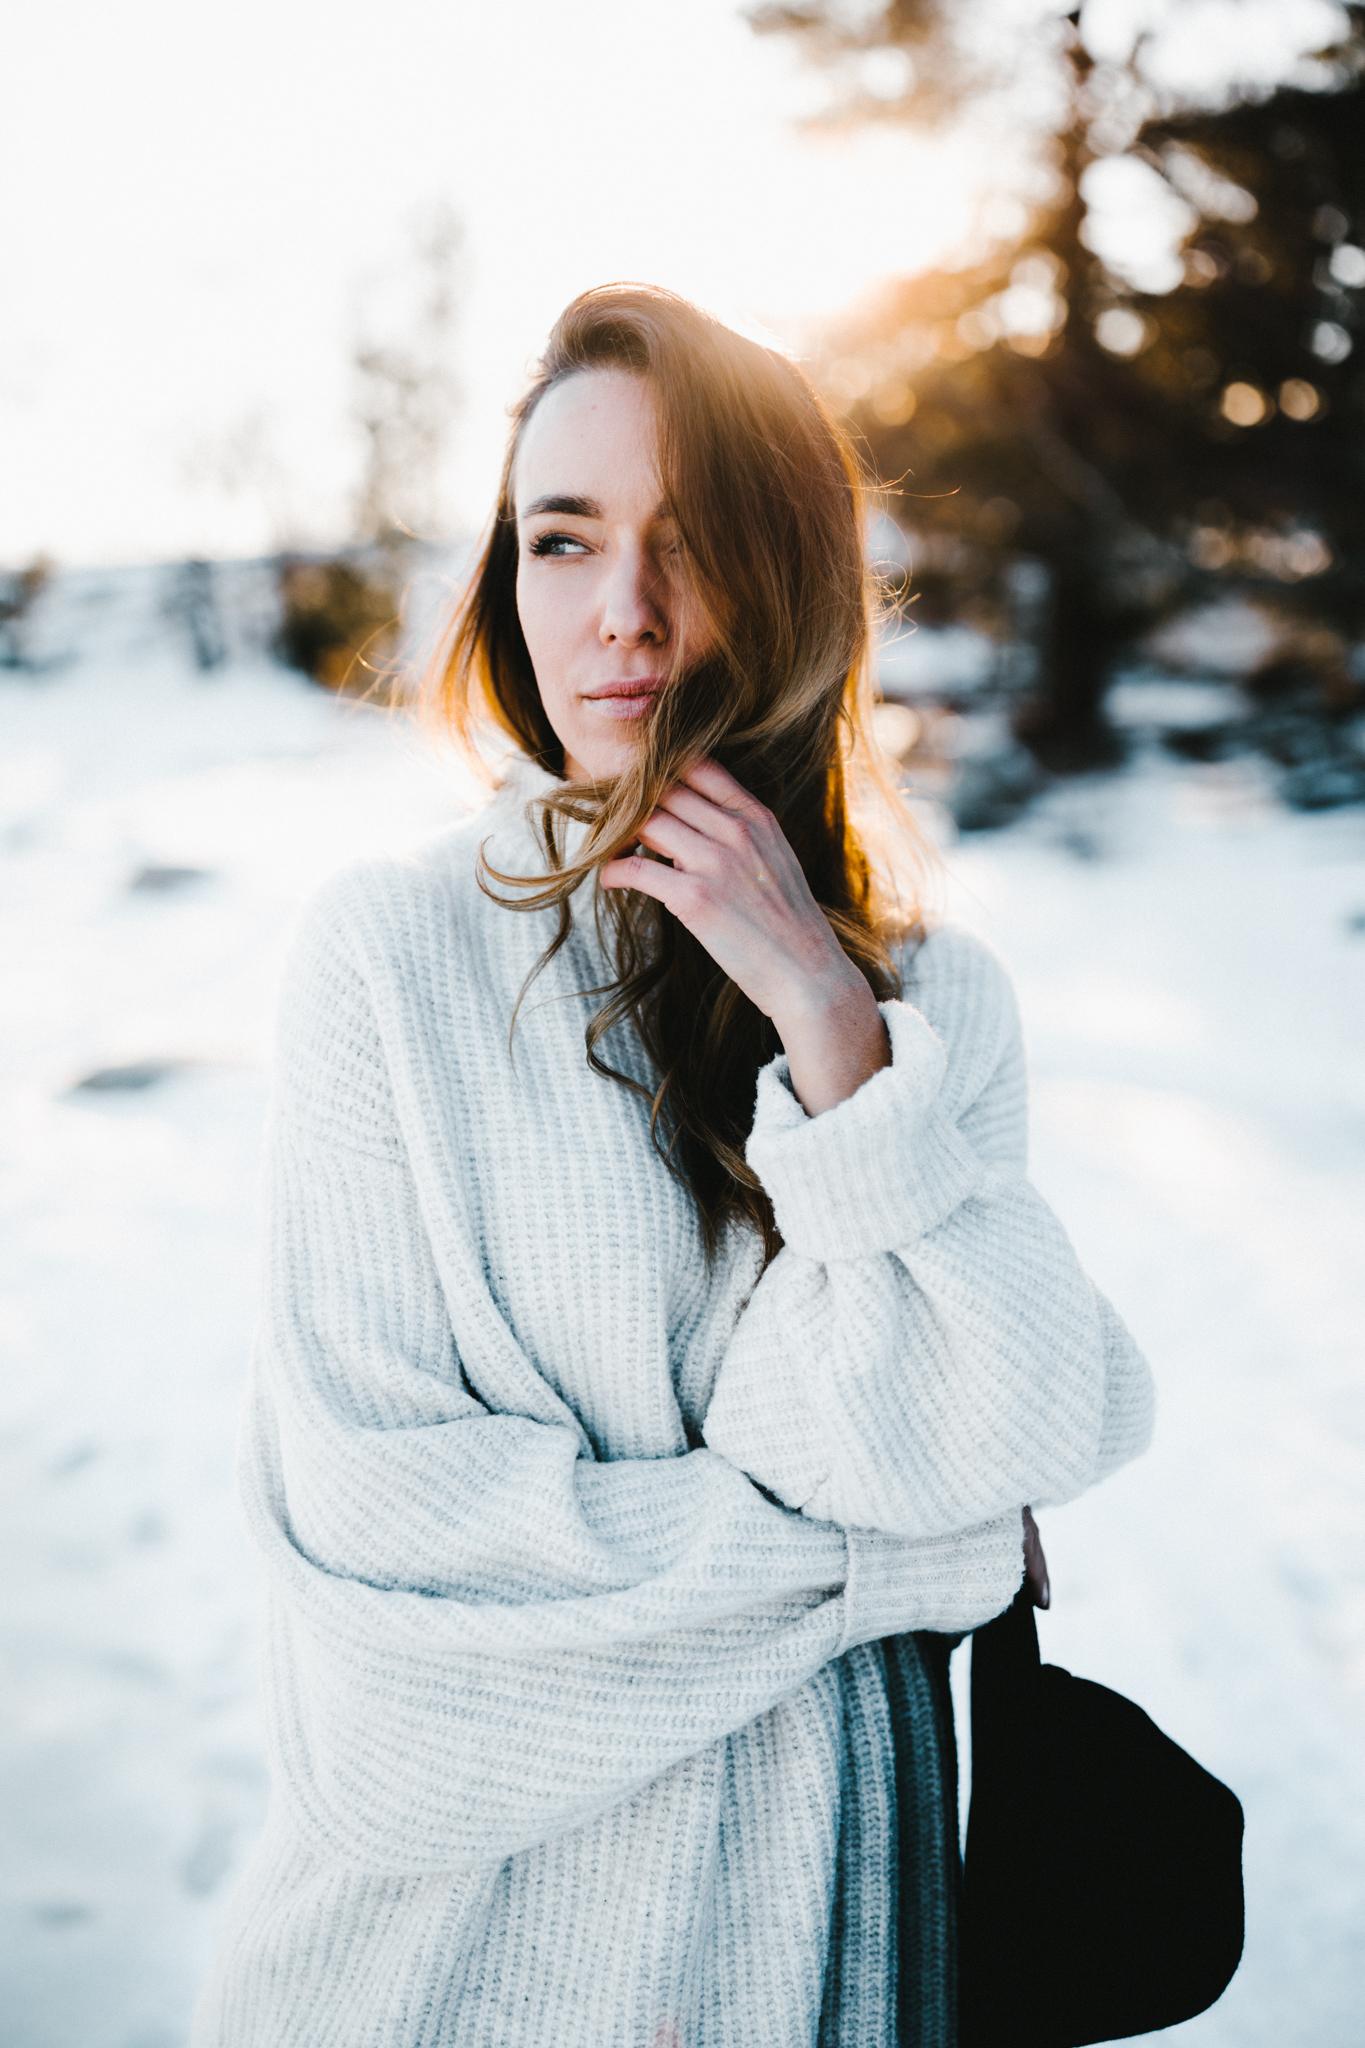 Julia Toivola -- Photos by Patrick Karkkolainen Photographer-32.jpg